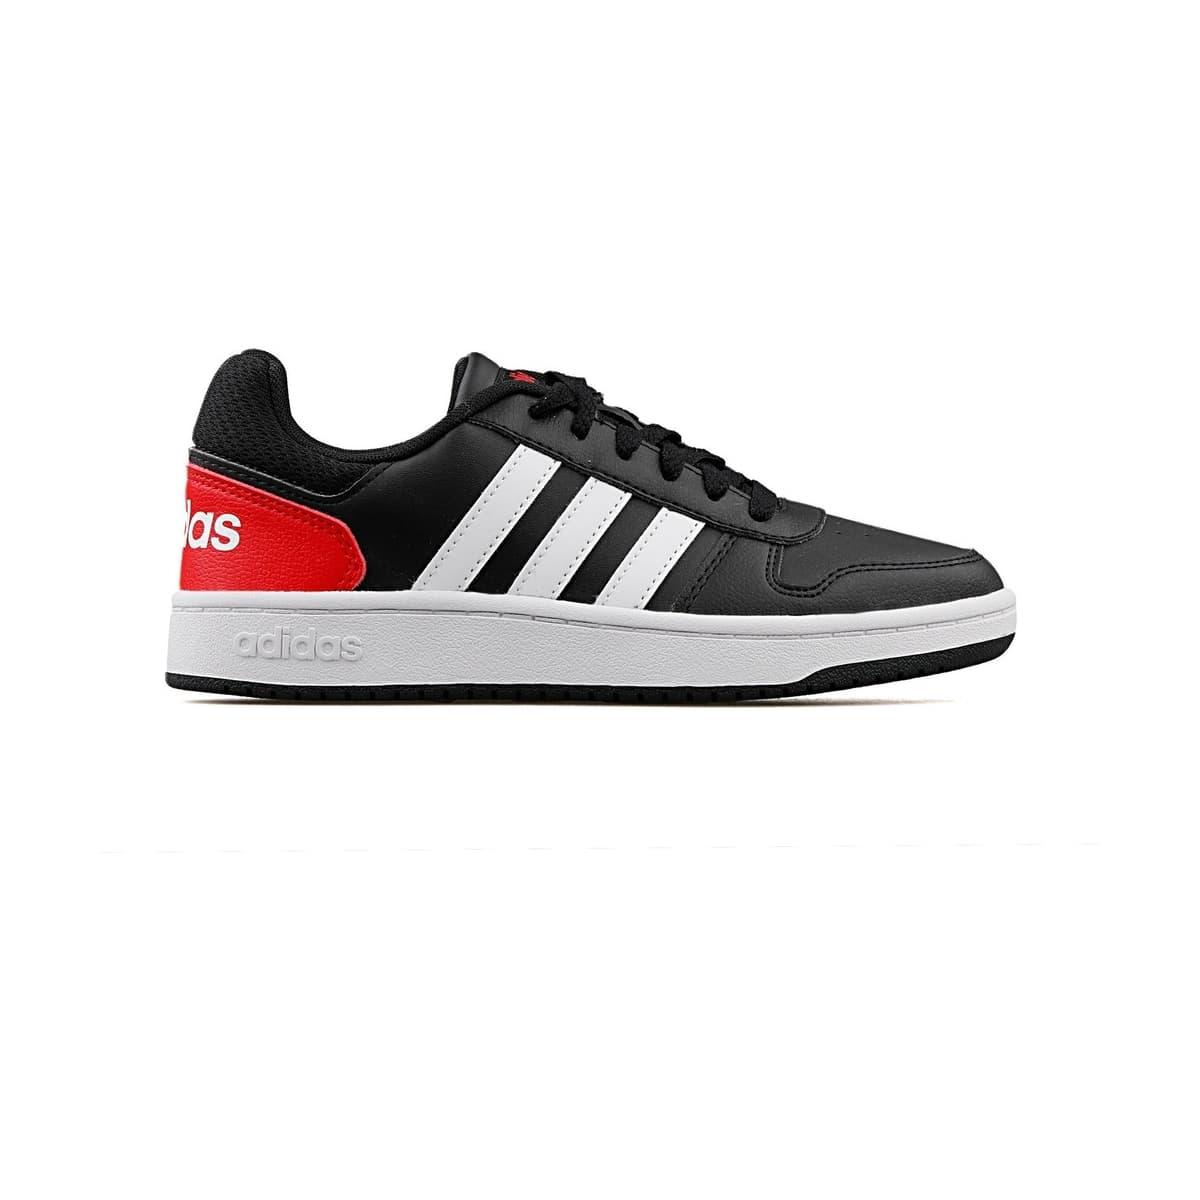 Hoops 2.0 Genç Çocuk Siyah Spor Ayakkabı (FY7015)